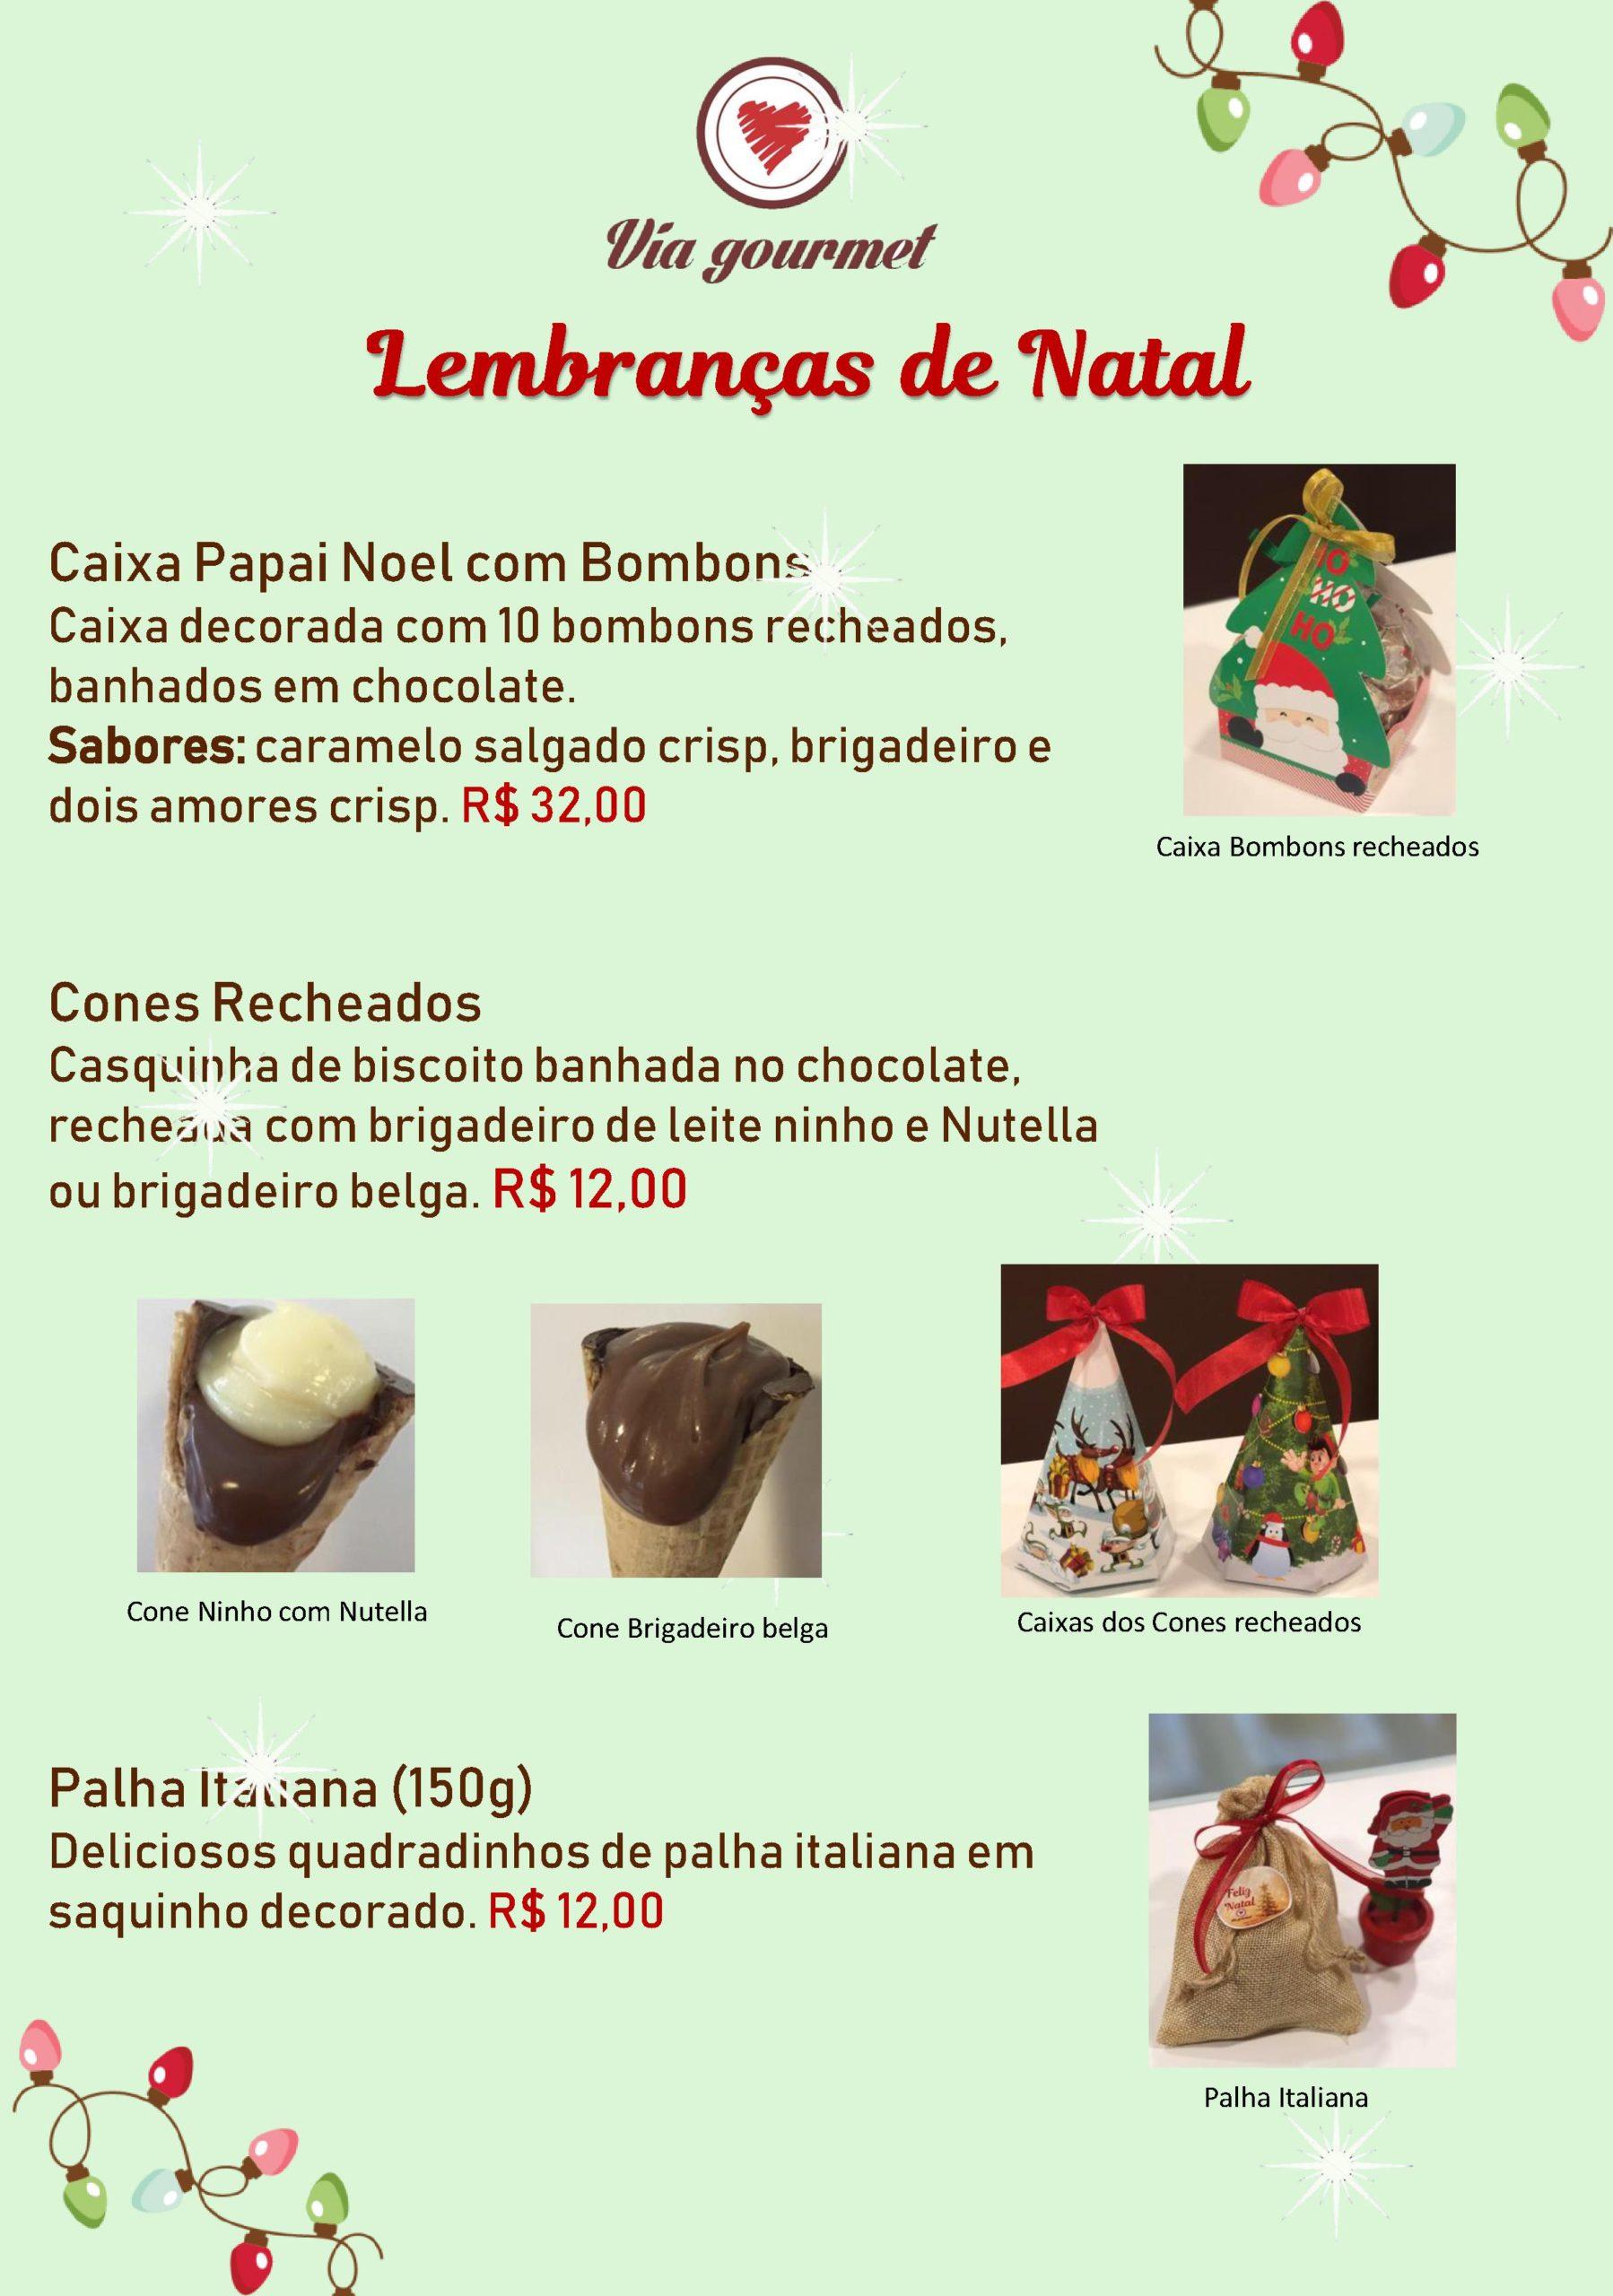 CARDÃ_PIO DE NATAL 2019 -10